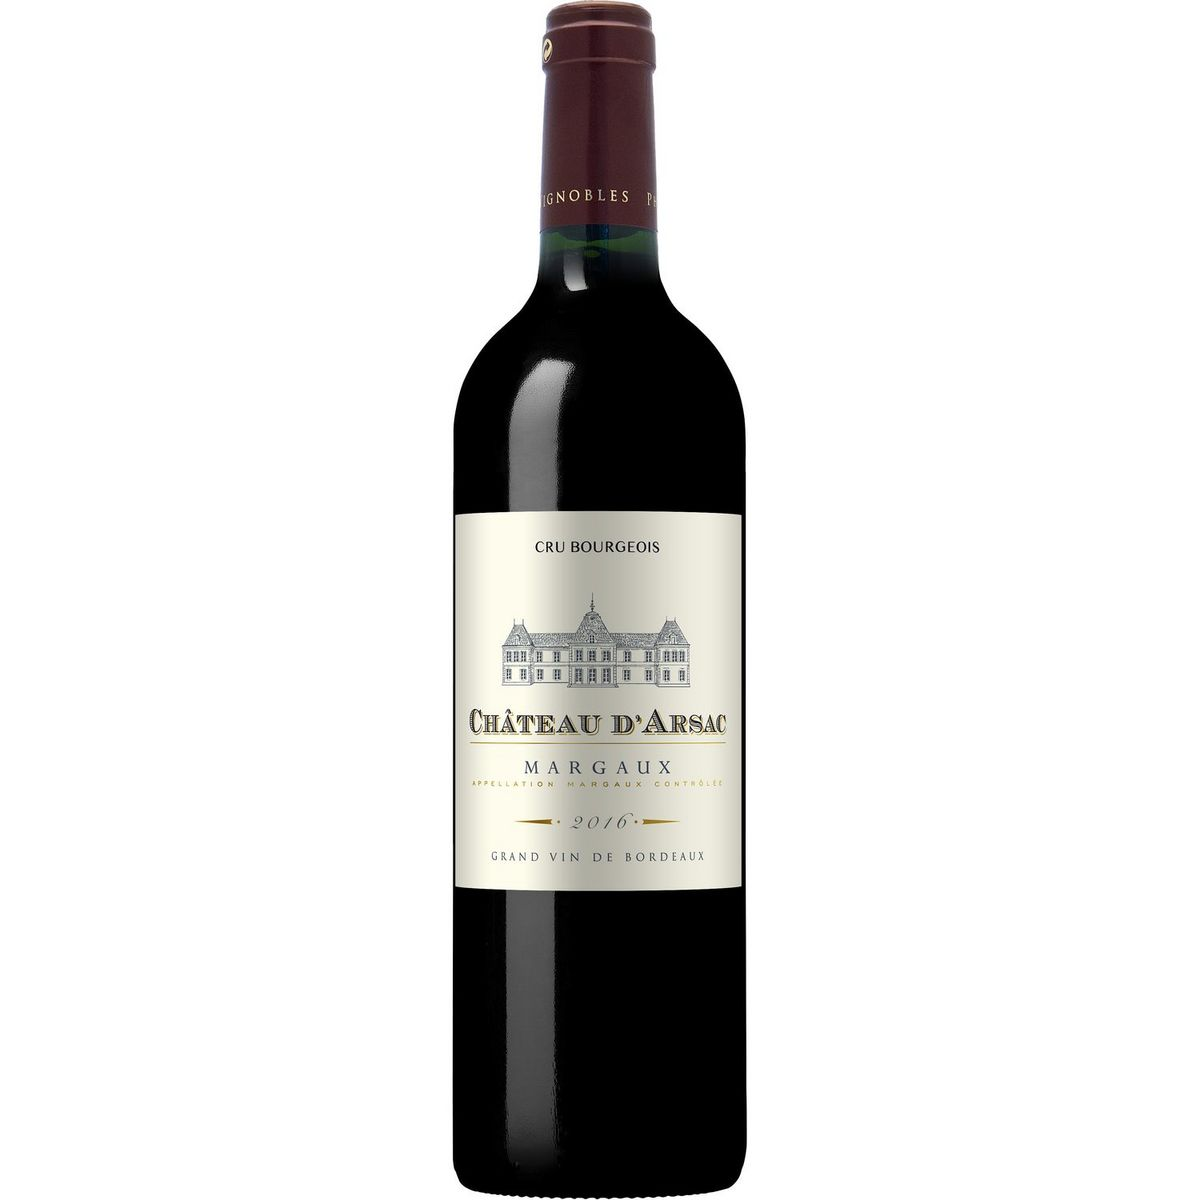 AOP Margaux cru bourgeois Château d'Arsac Bordeaux rouge 2016